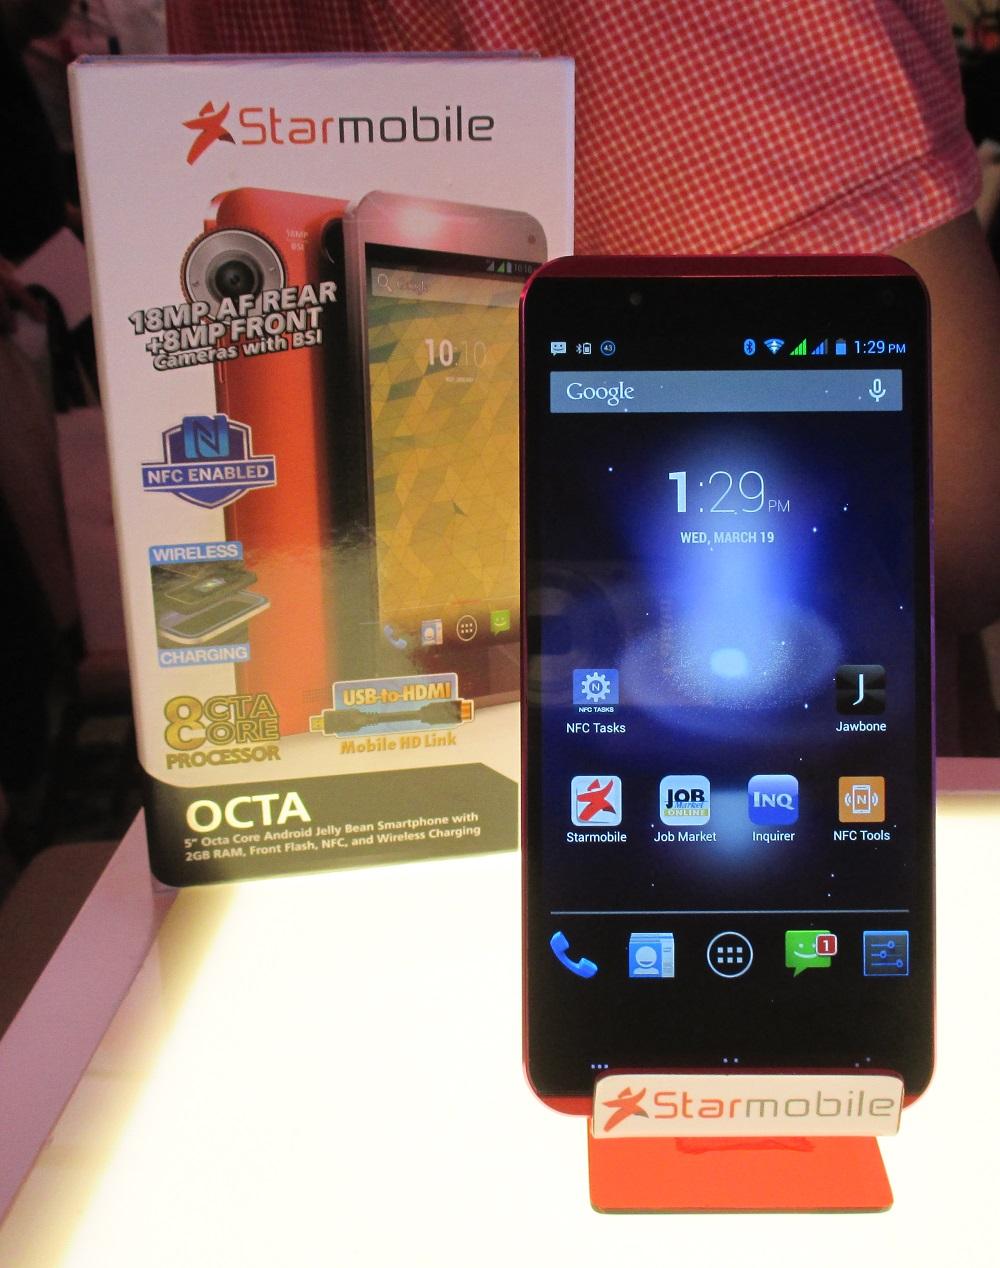 Starmobile Octa Follows Diamond X1 in Octa-core Smartphone Race ...